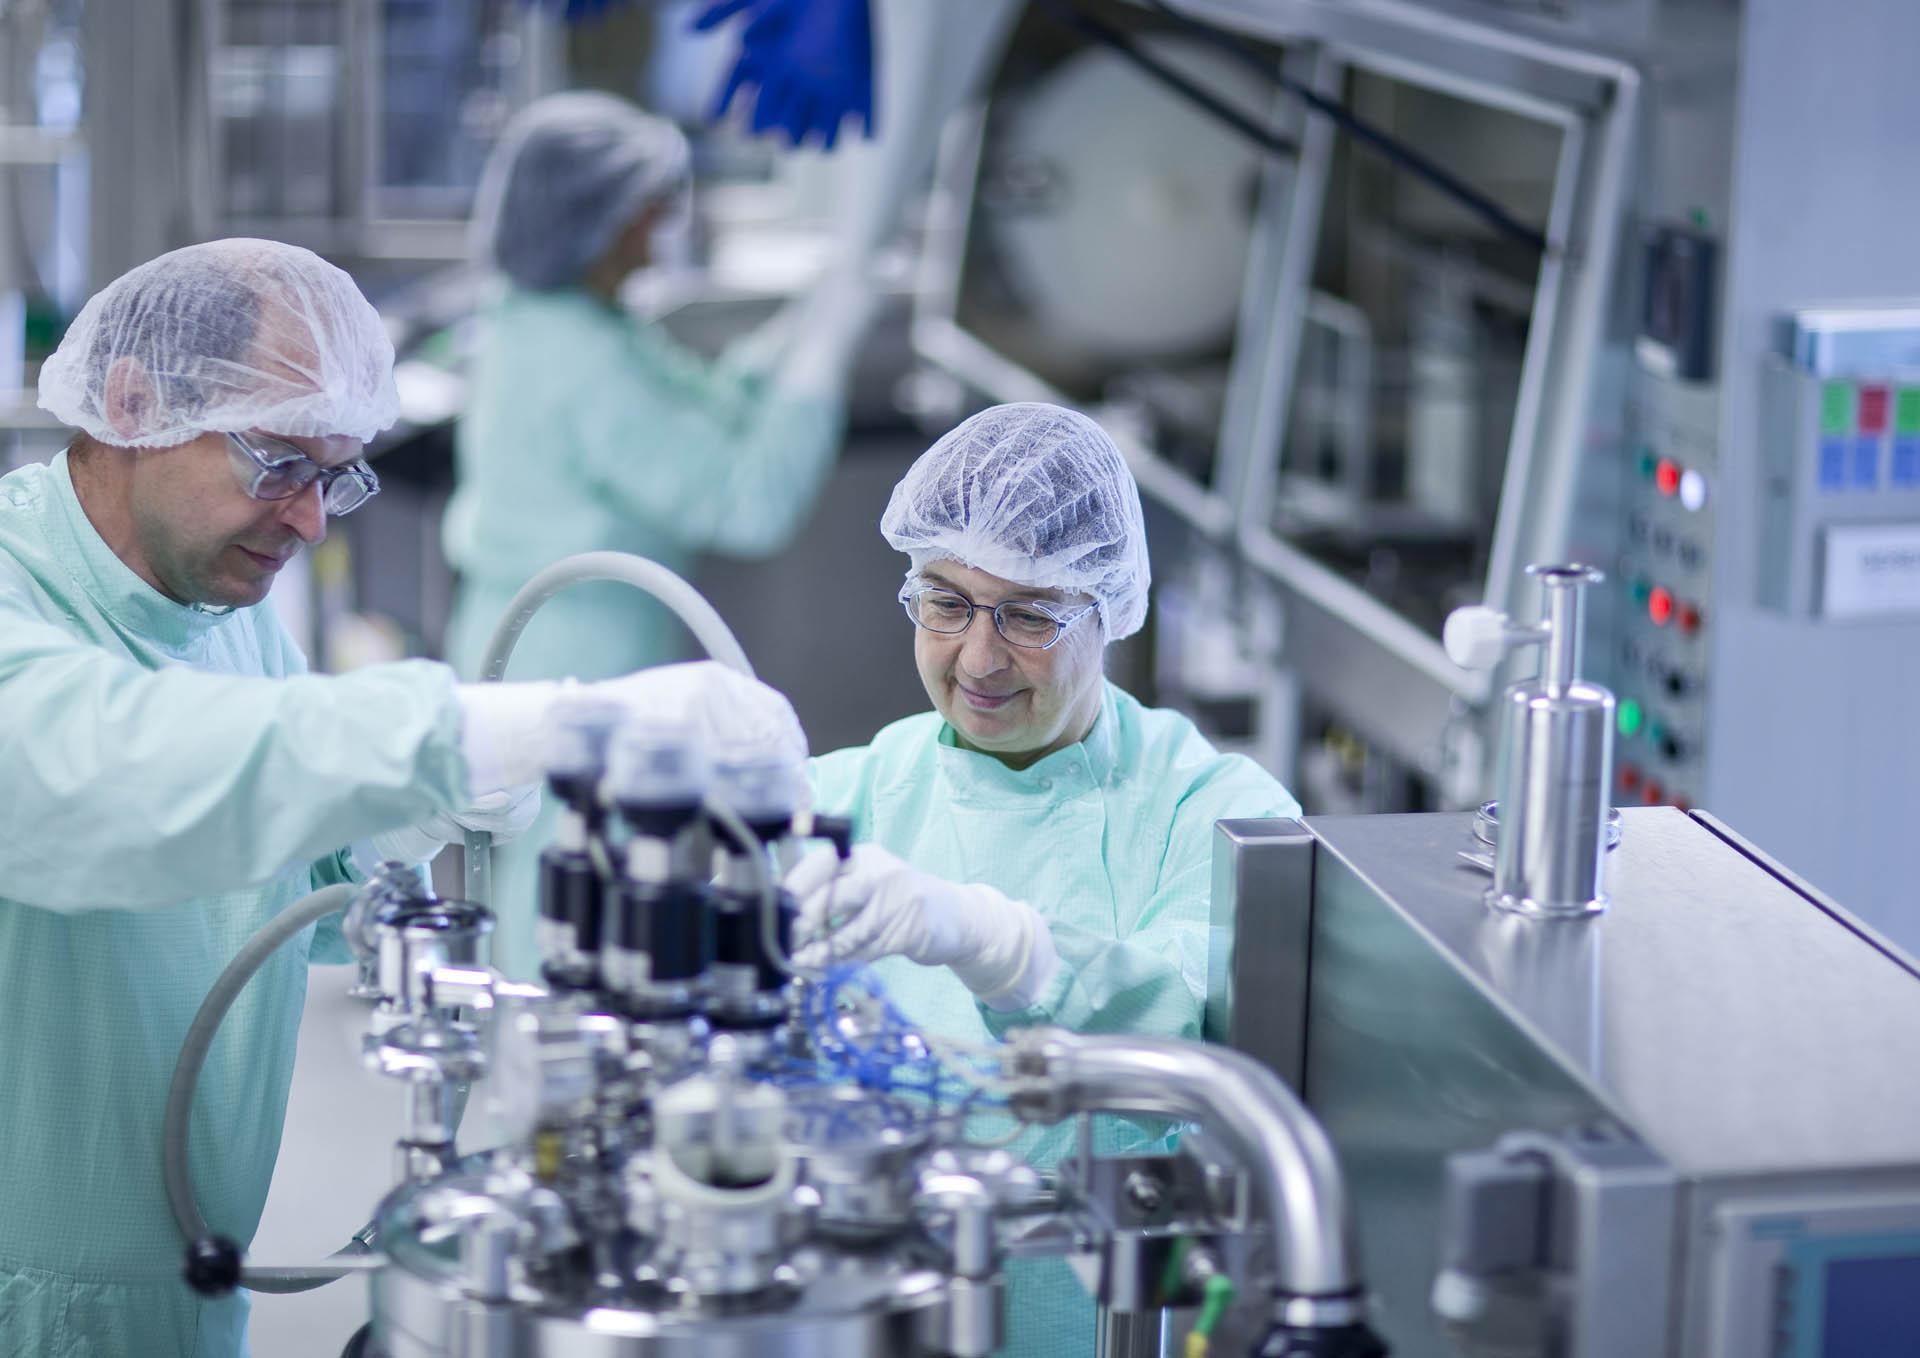 Janssen lab technicians in Beerse